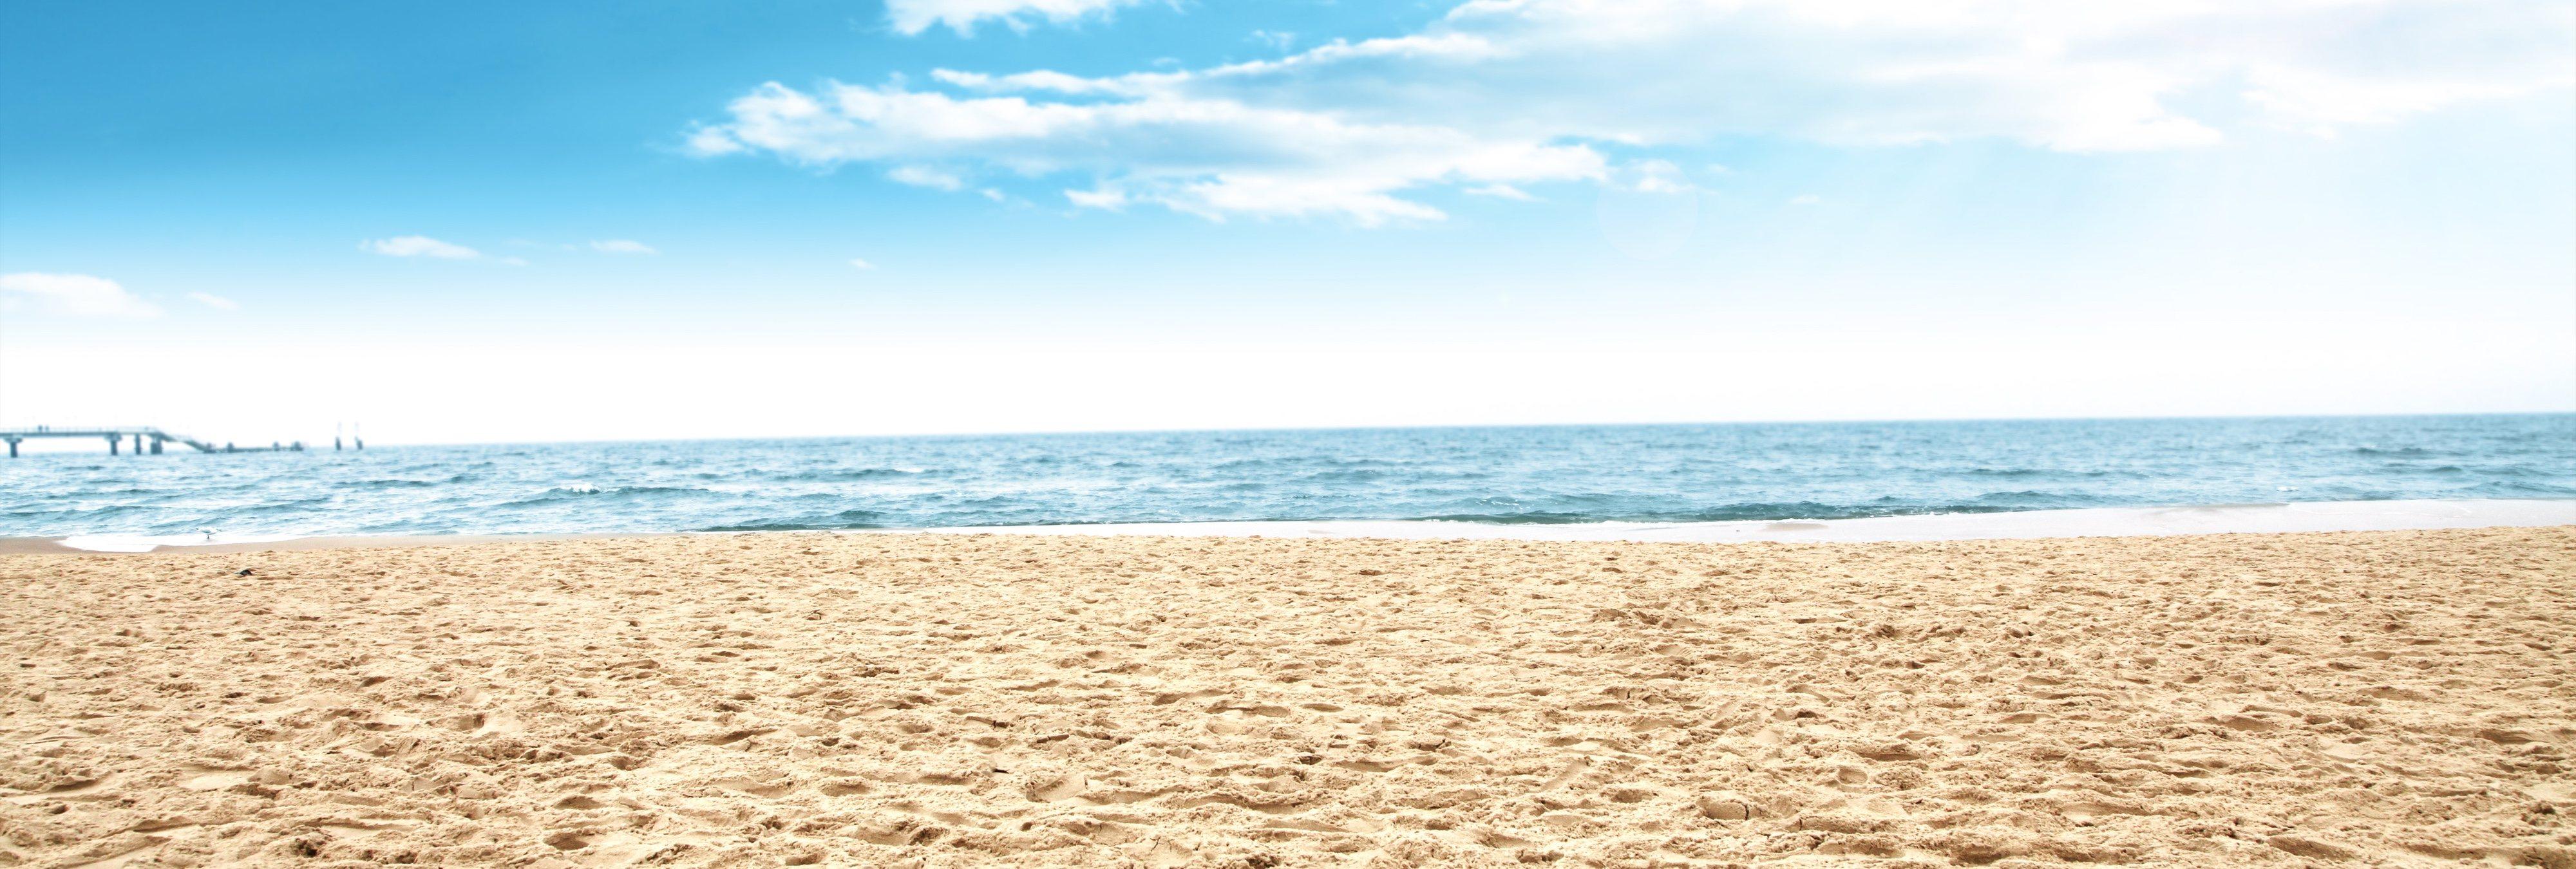 Las 10 playas españolas en las que no deberías bañarte bajo ningún concepto